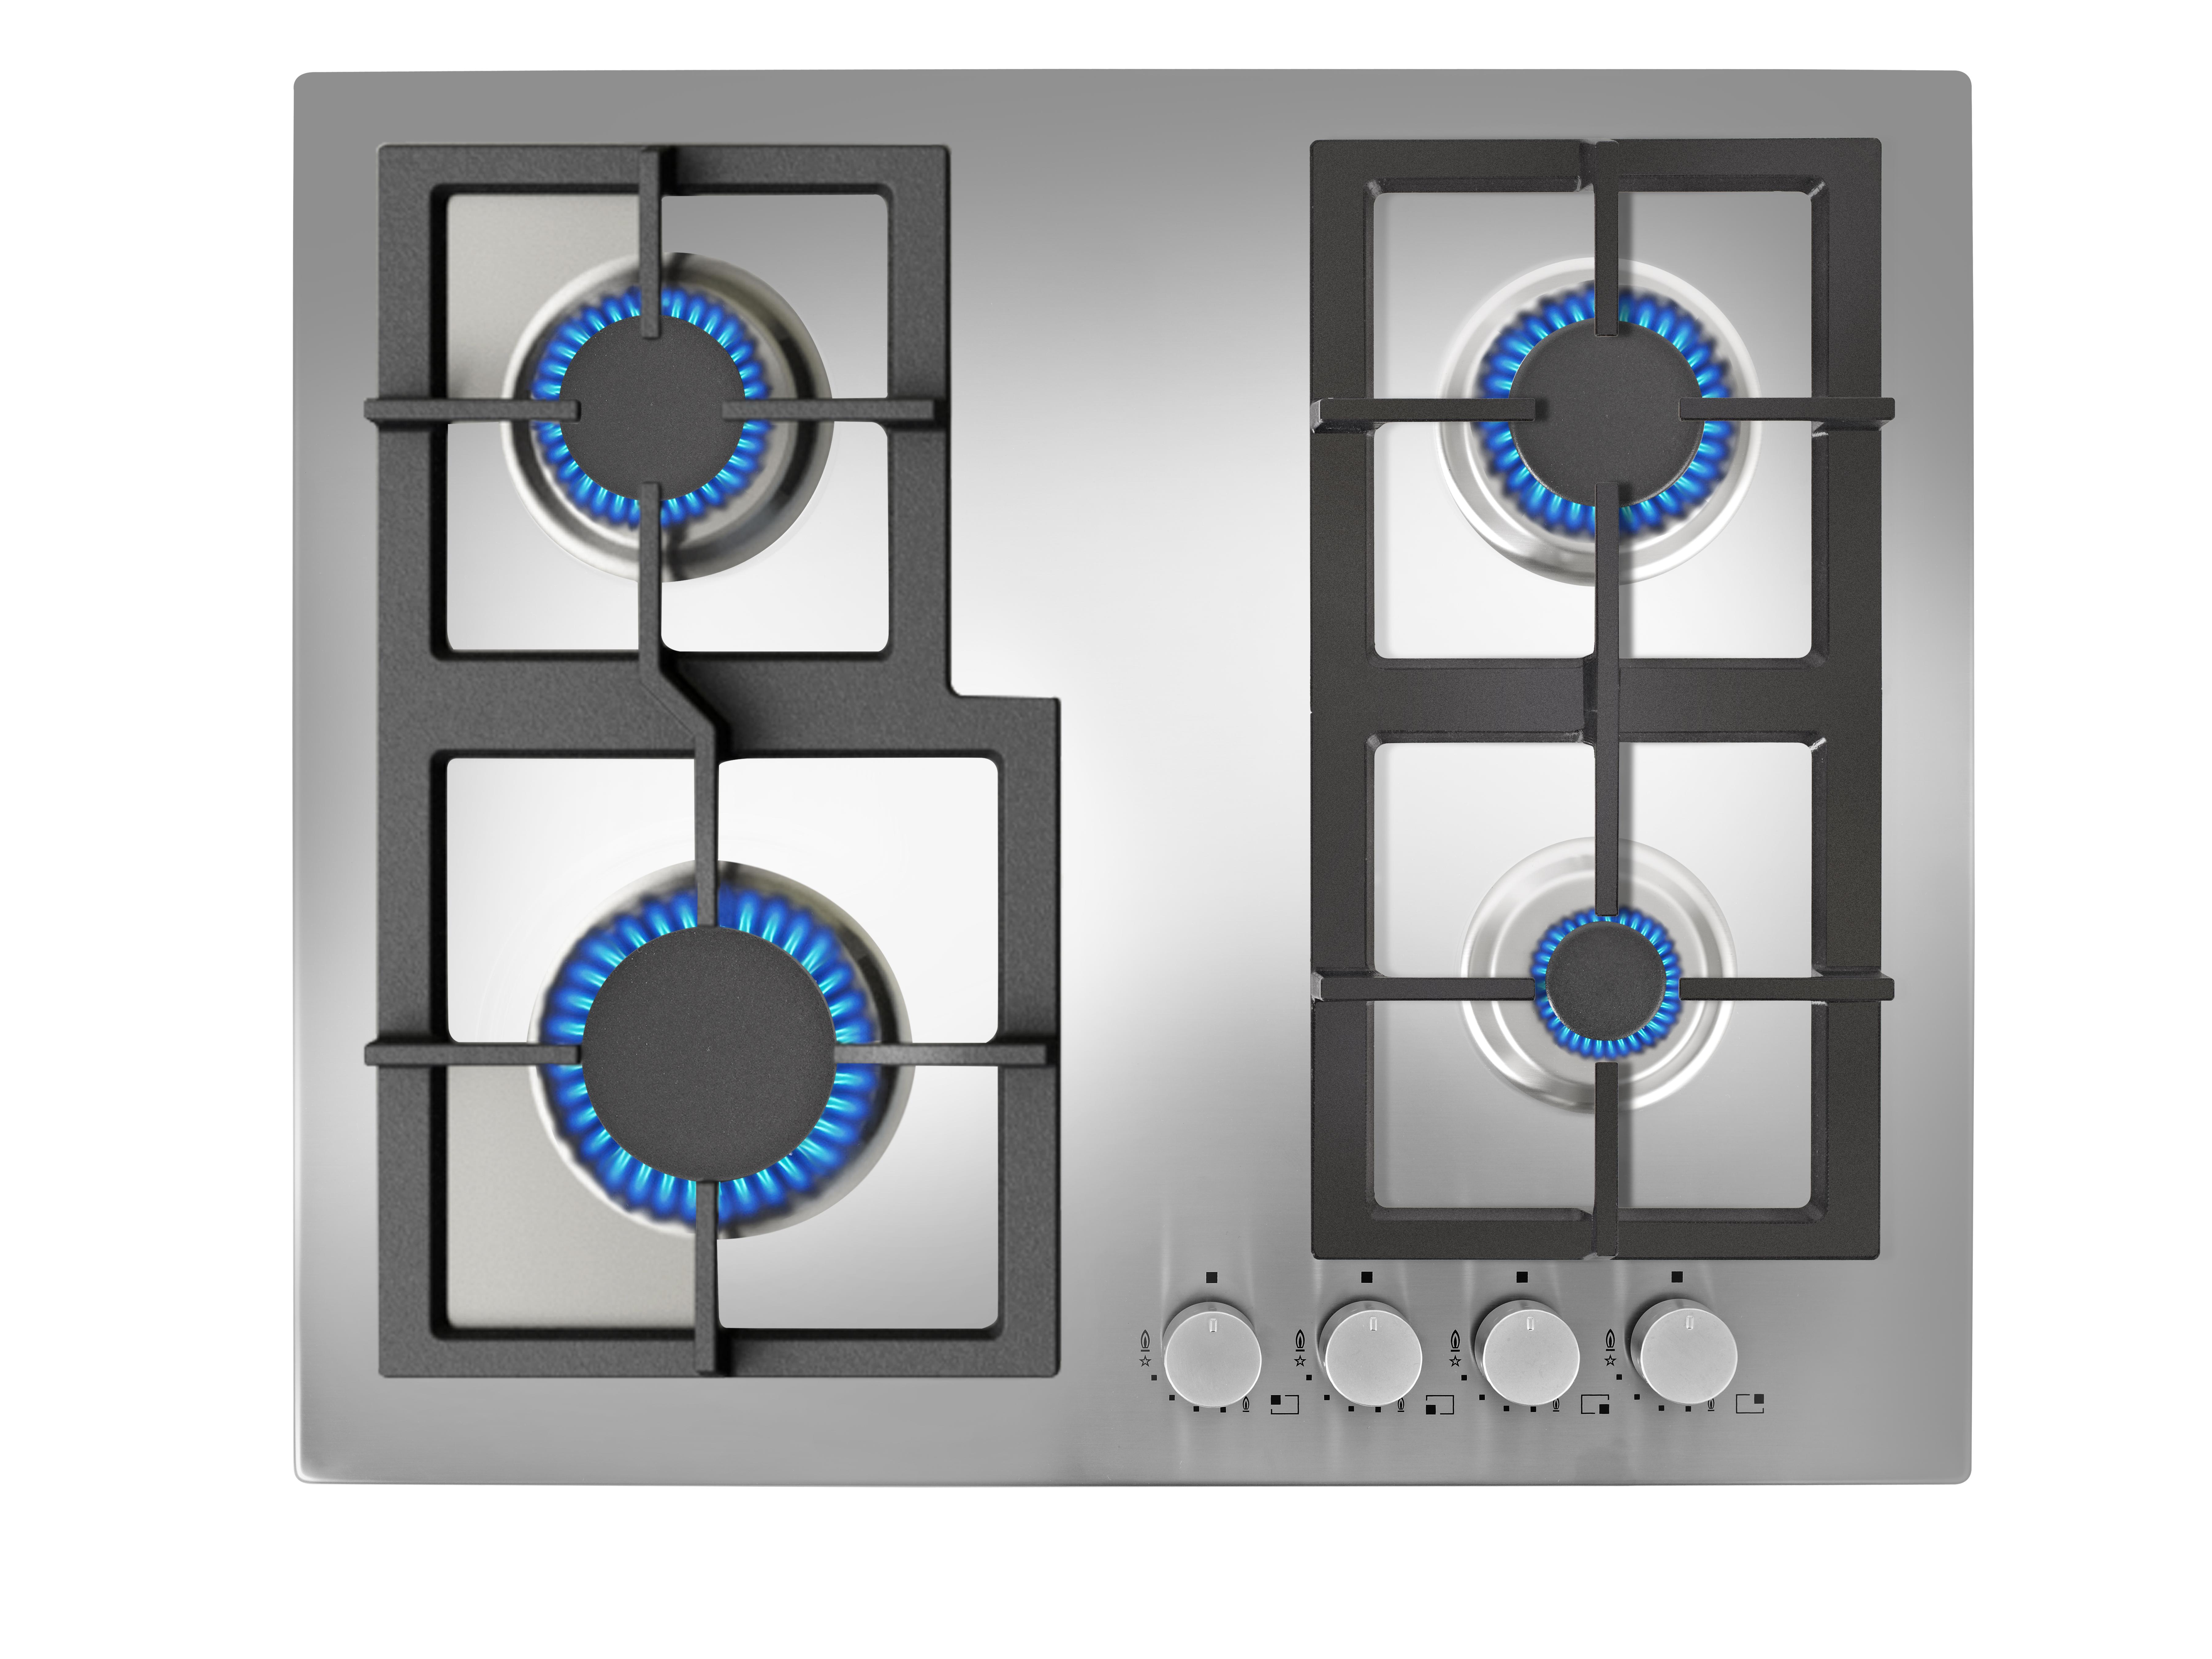 Plita gaz incorporabila Teka EFX 60 4G AI AL CI 4 arzatoare gratare fonta inox poza